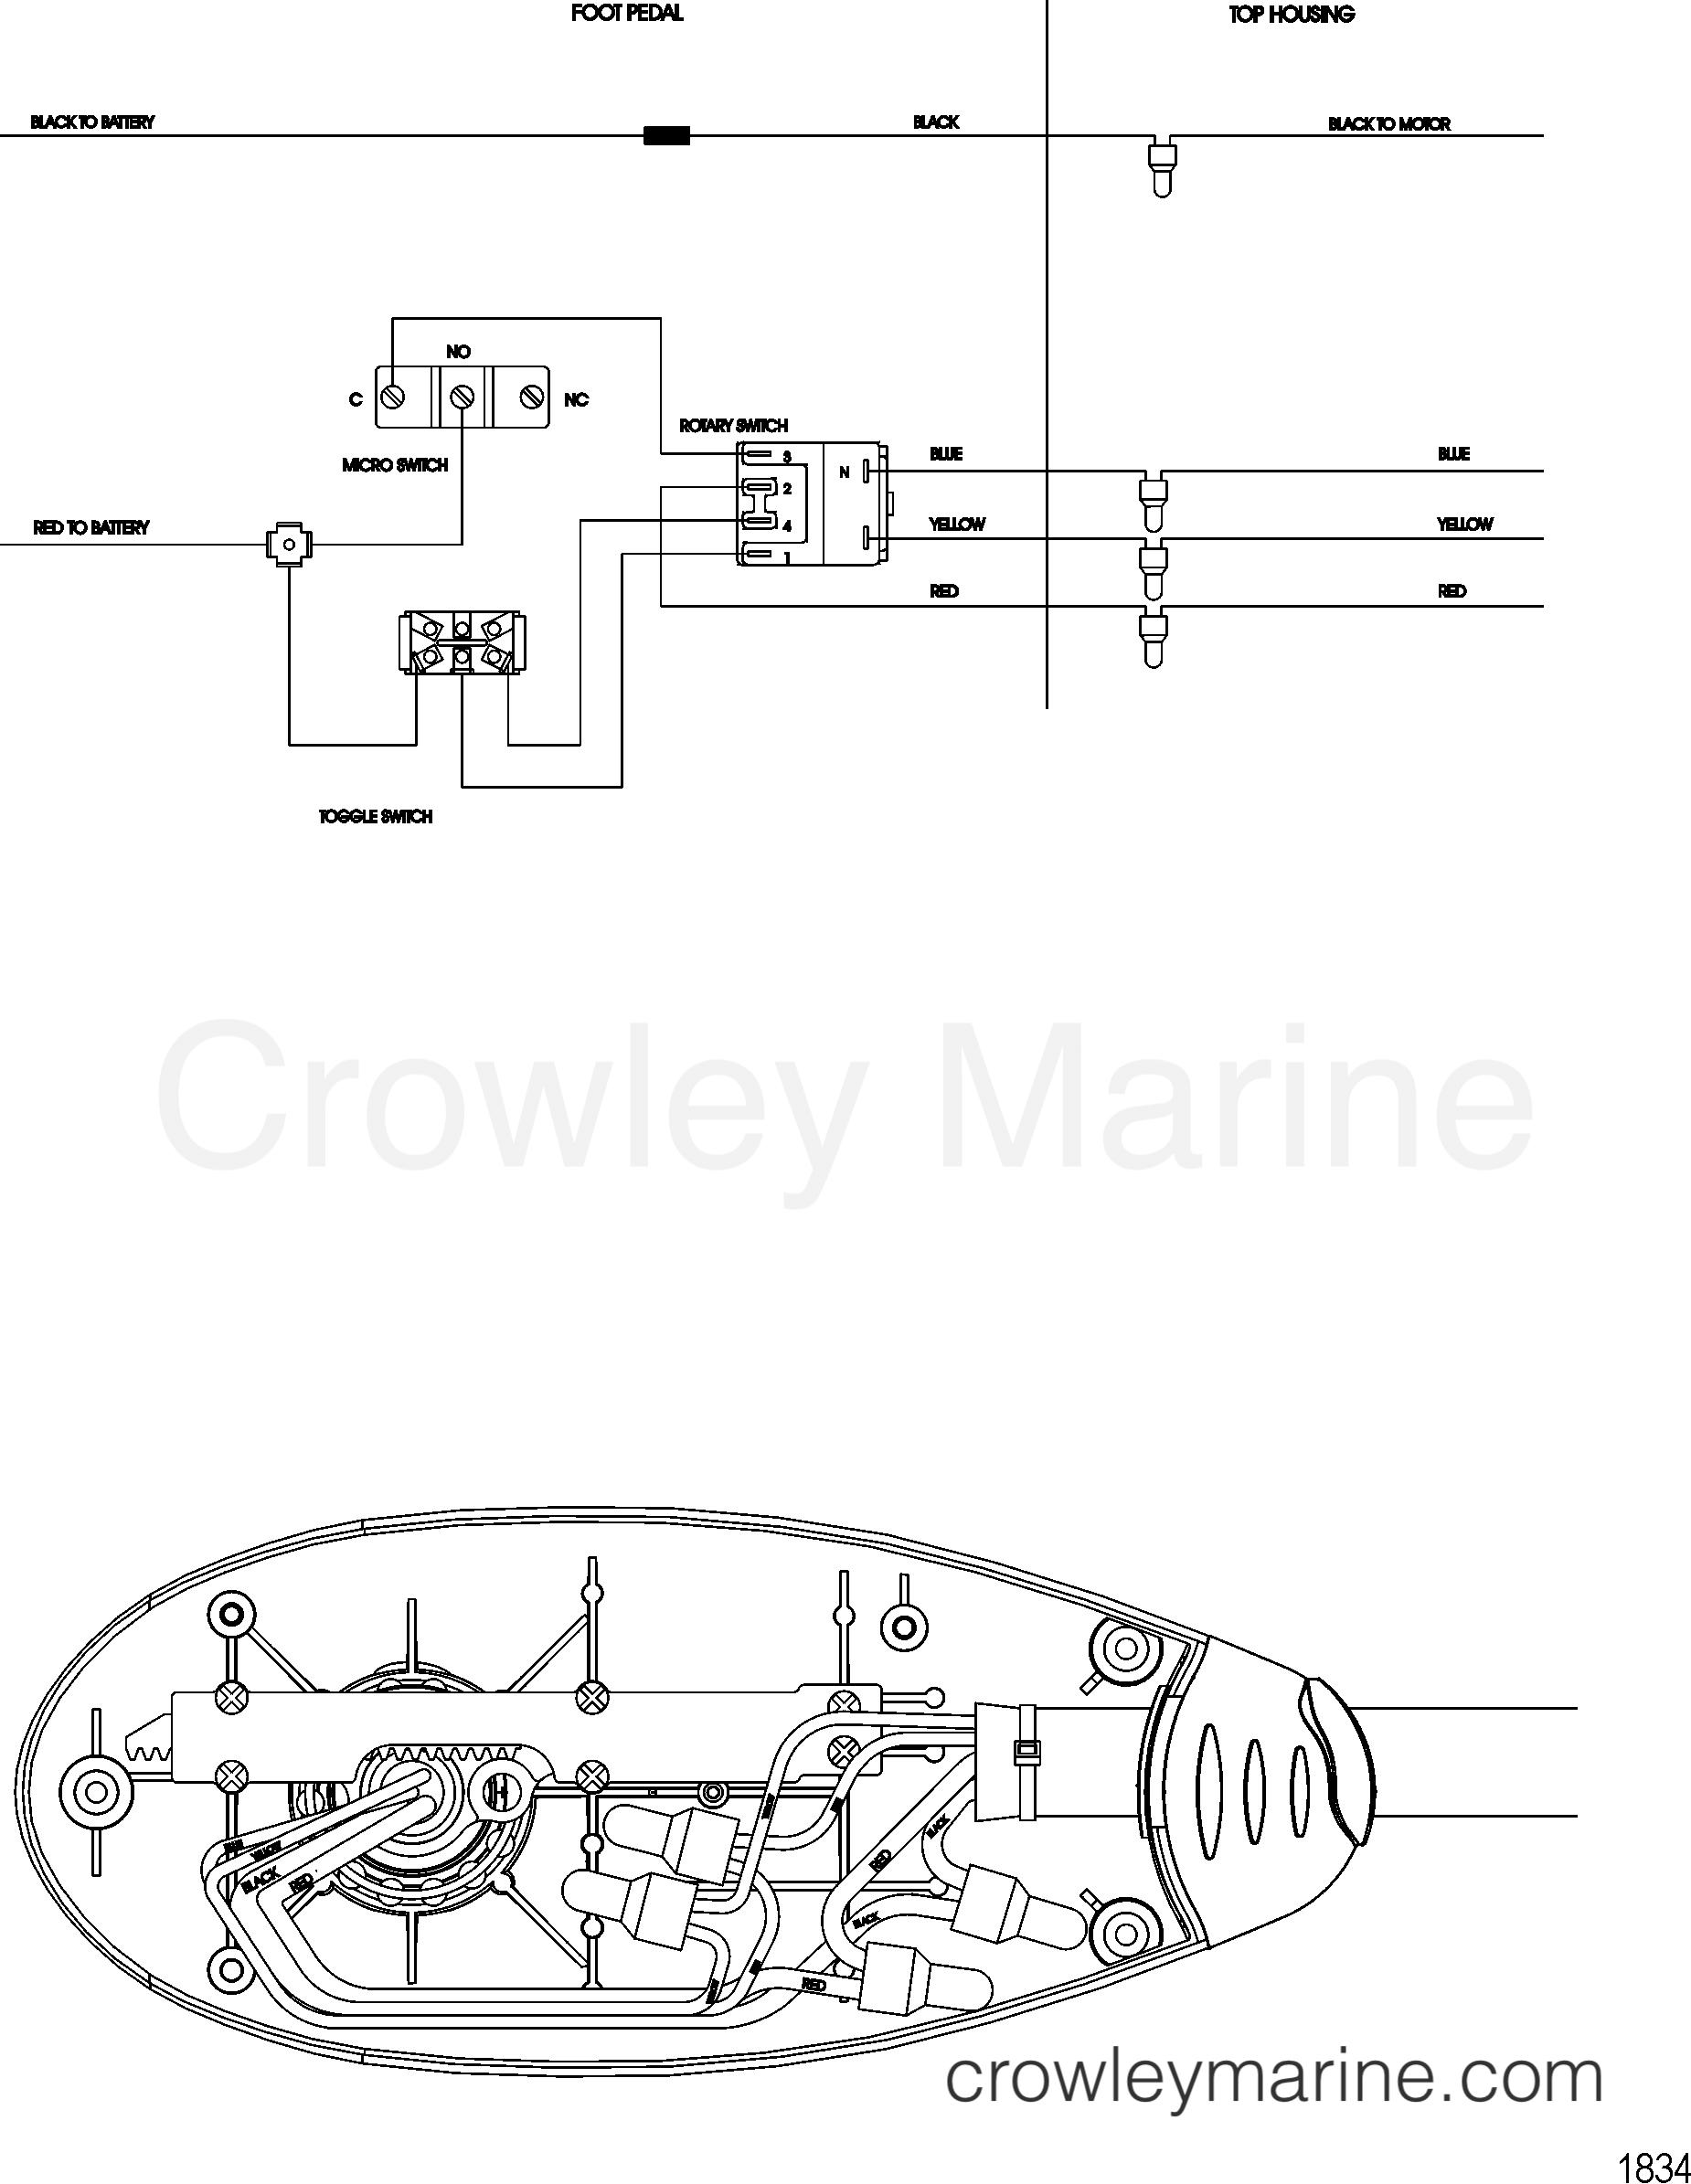 Motorguide Fw40fb Wiring Diagram WIRING CENTER